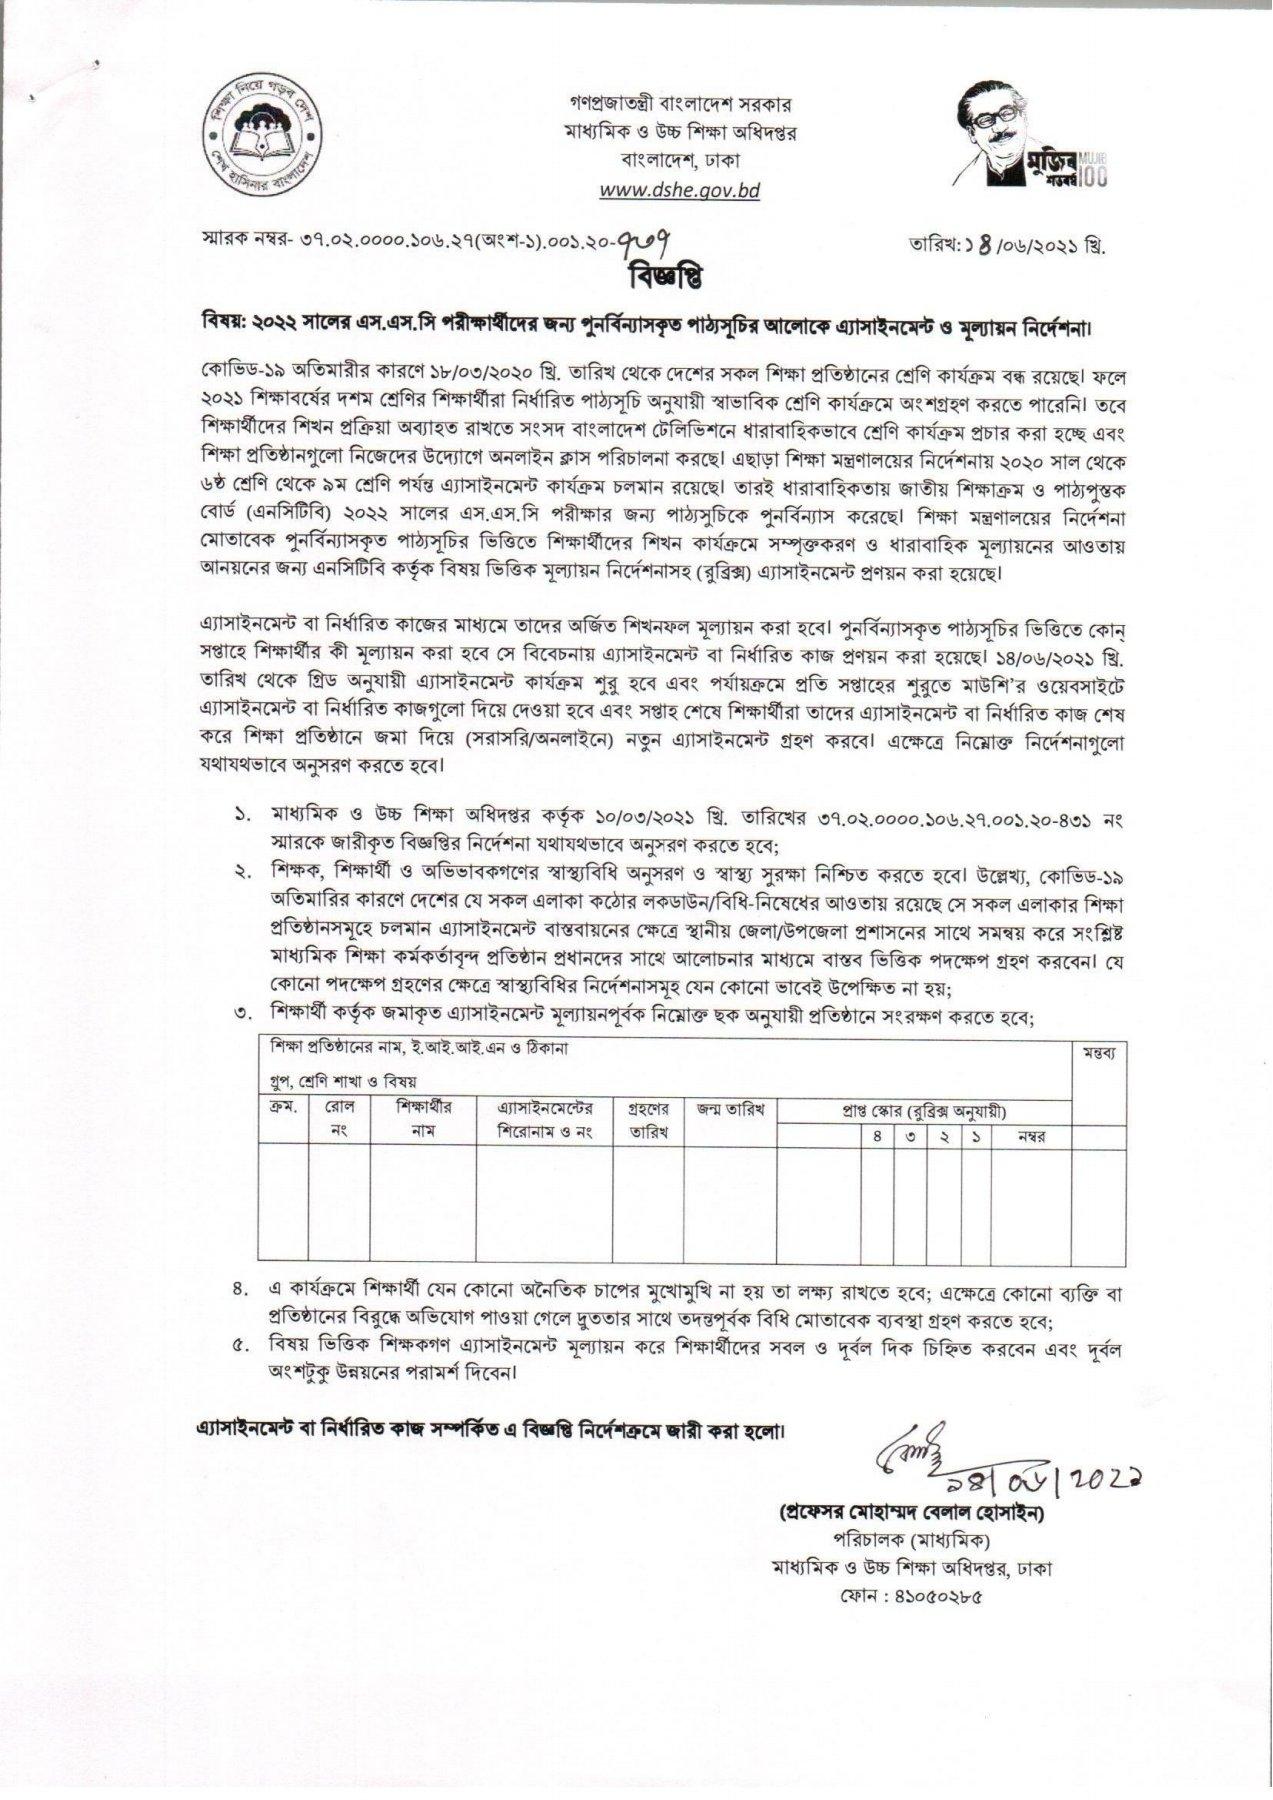 ২০২২ সালের এসএসসি পরীক্ষার্থীদের এসাইনমেন্ট প্রশ্ন ও উত্তর (১ম সপ্তাহ) -বাংলা ১ম পত্র ও গণিত | SSC Assignment Question And Answer 2021 Bangla 1st Paper & Math (1st Week)